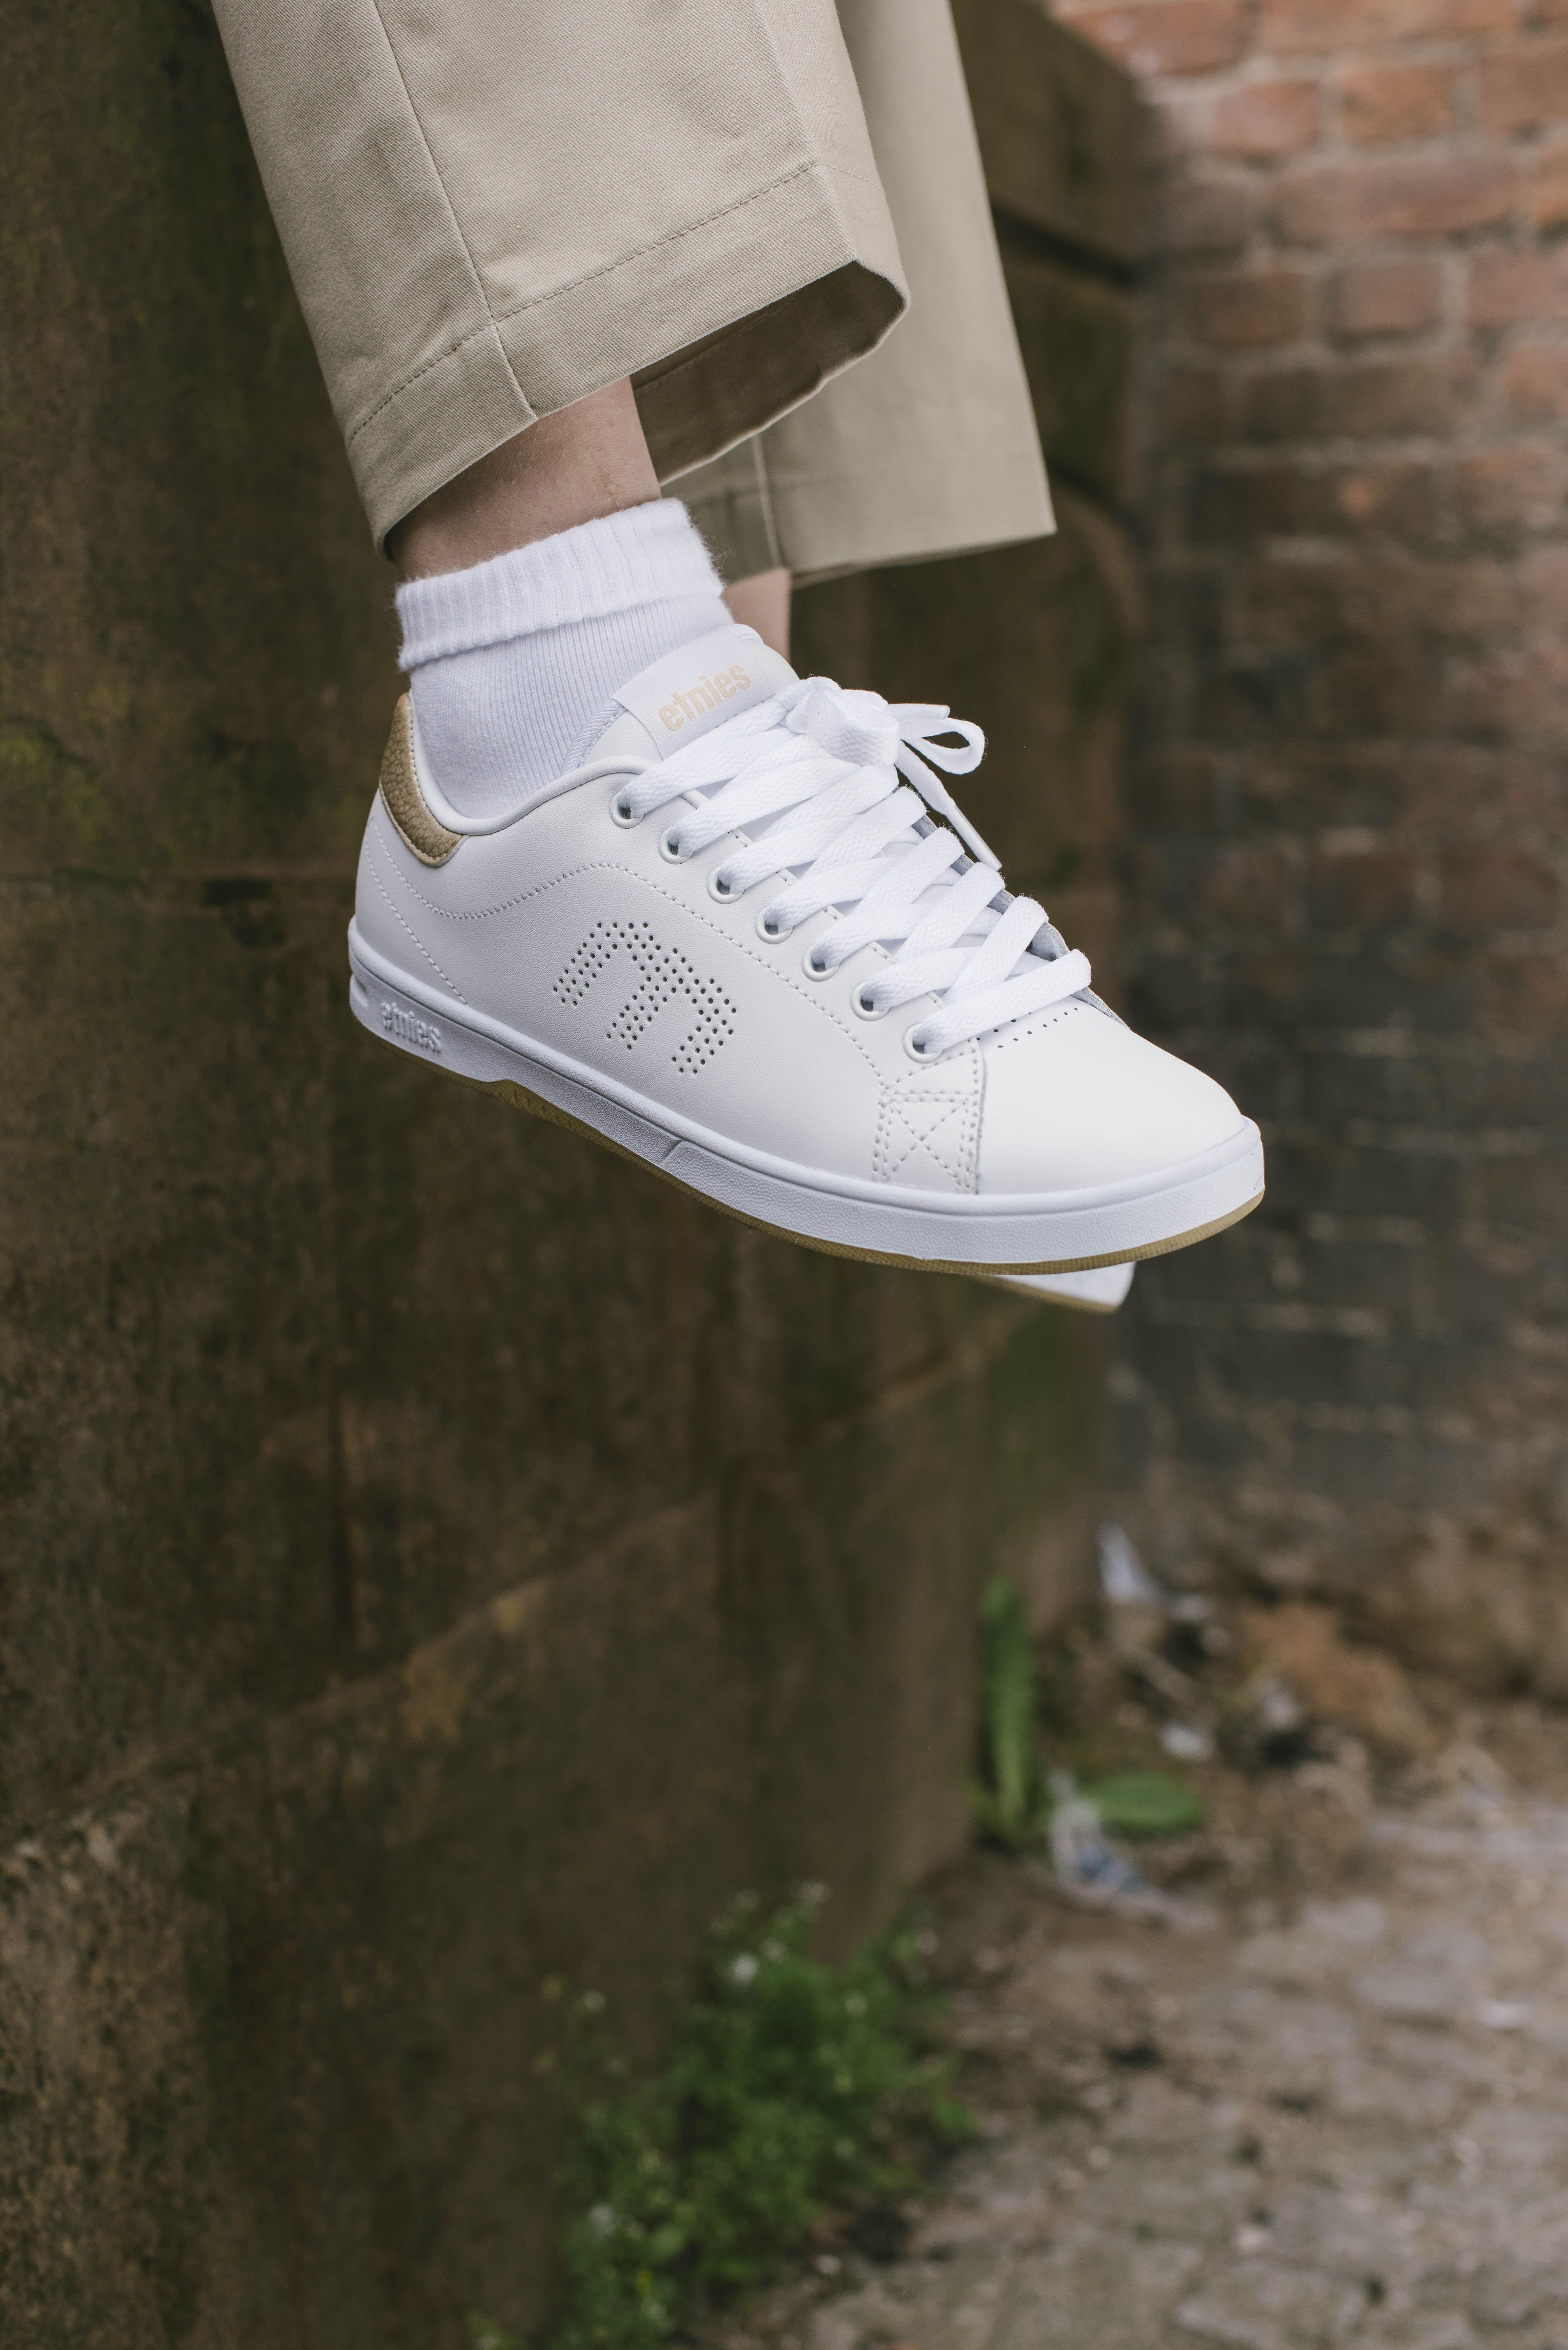 Ladies Shoes Black /& White Etnies Callicut Shoes